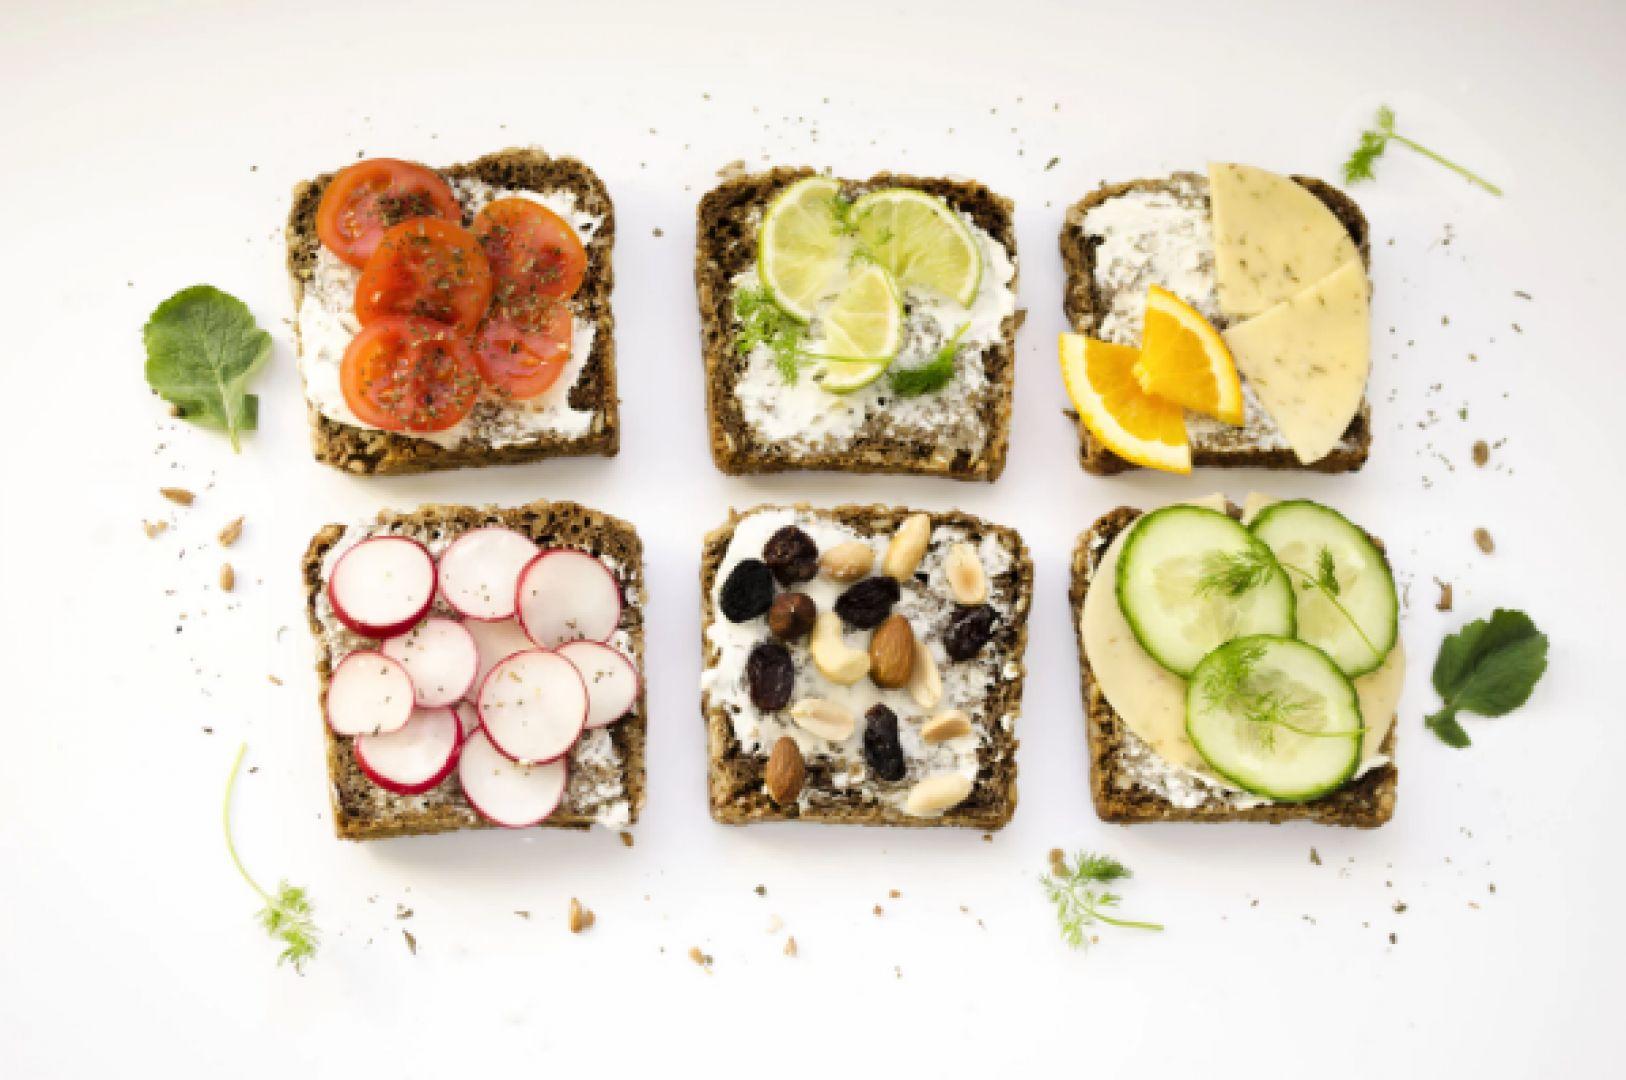 Revolución Foodie, comer sano no es para nada aburrido